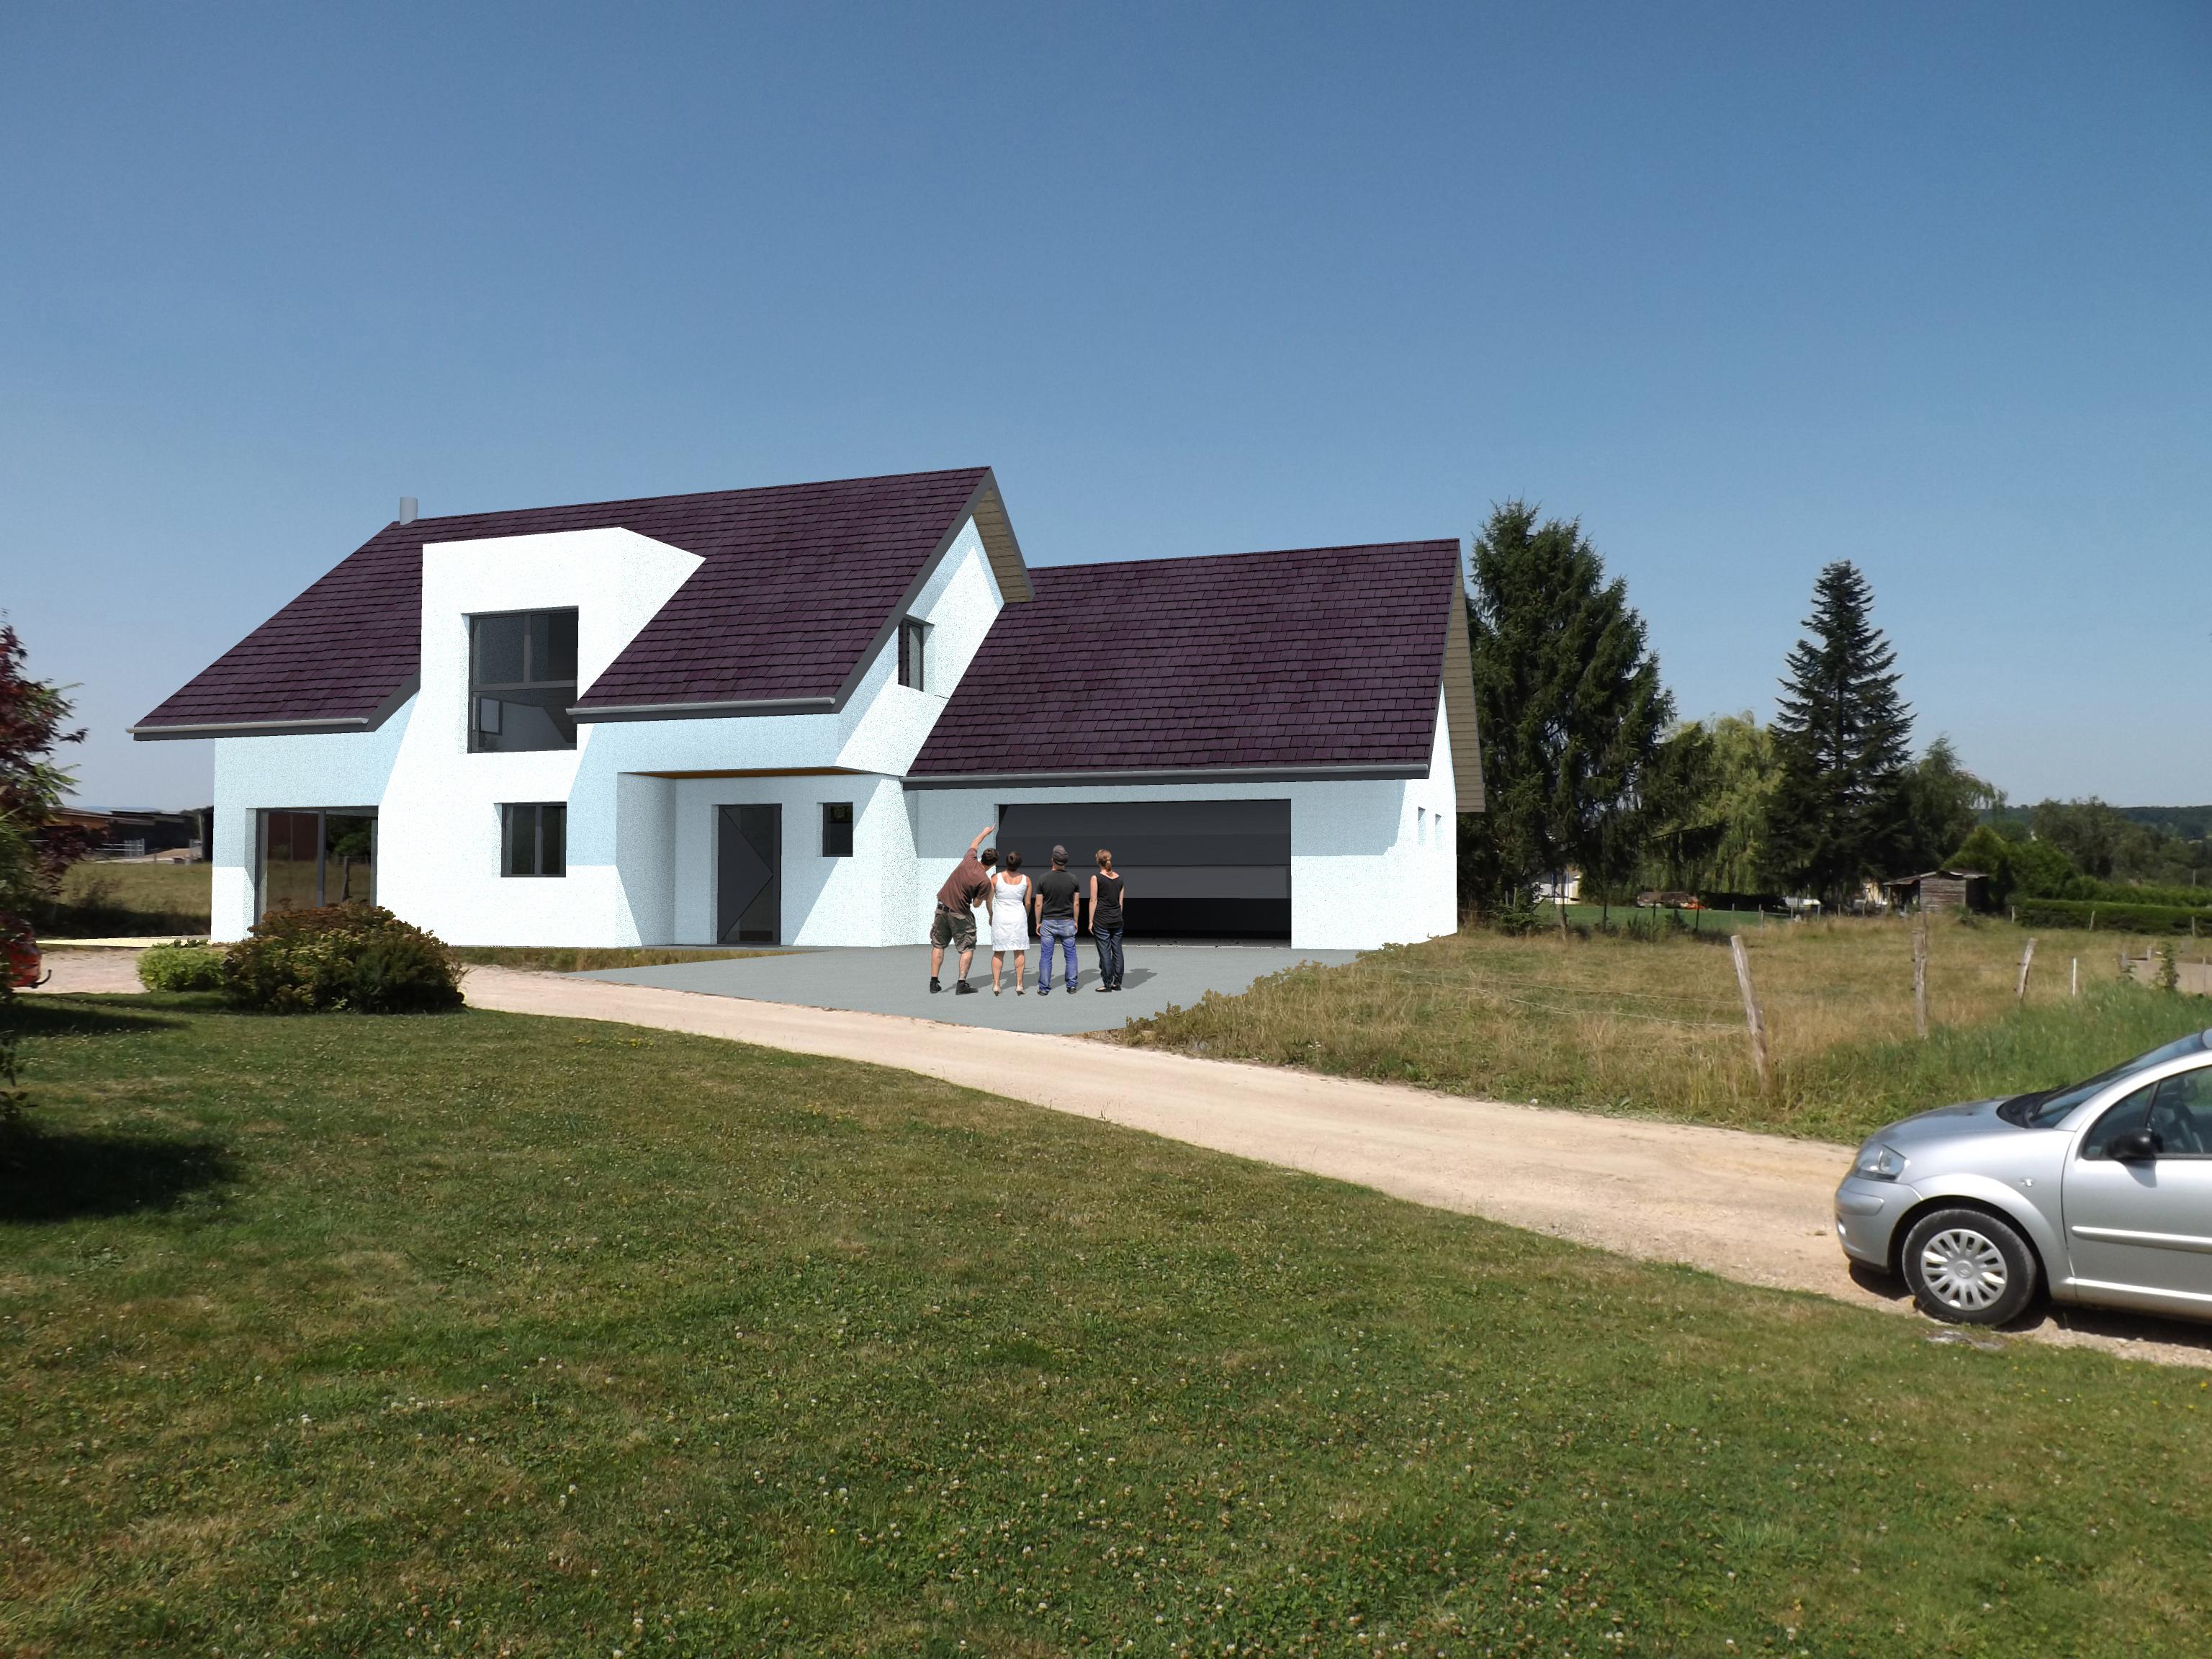 Vue extérieure du modèle type 6. Maison à ossature bois.